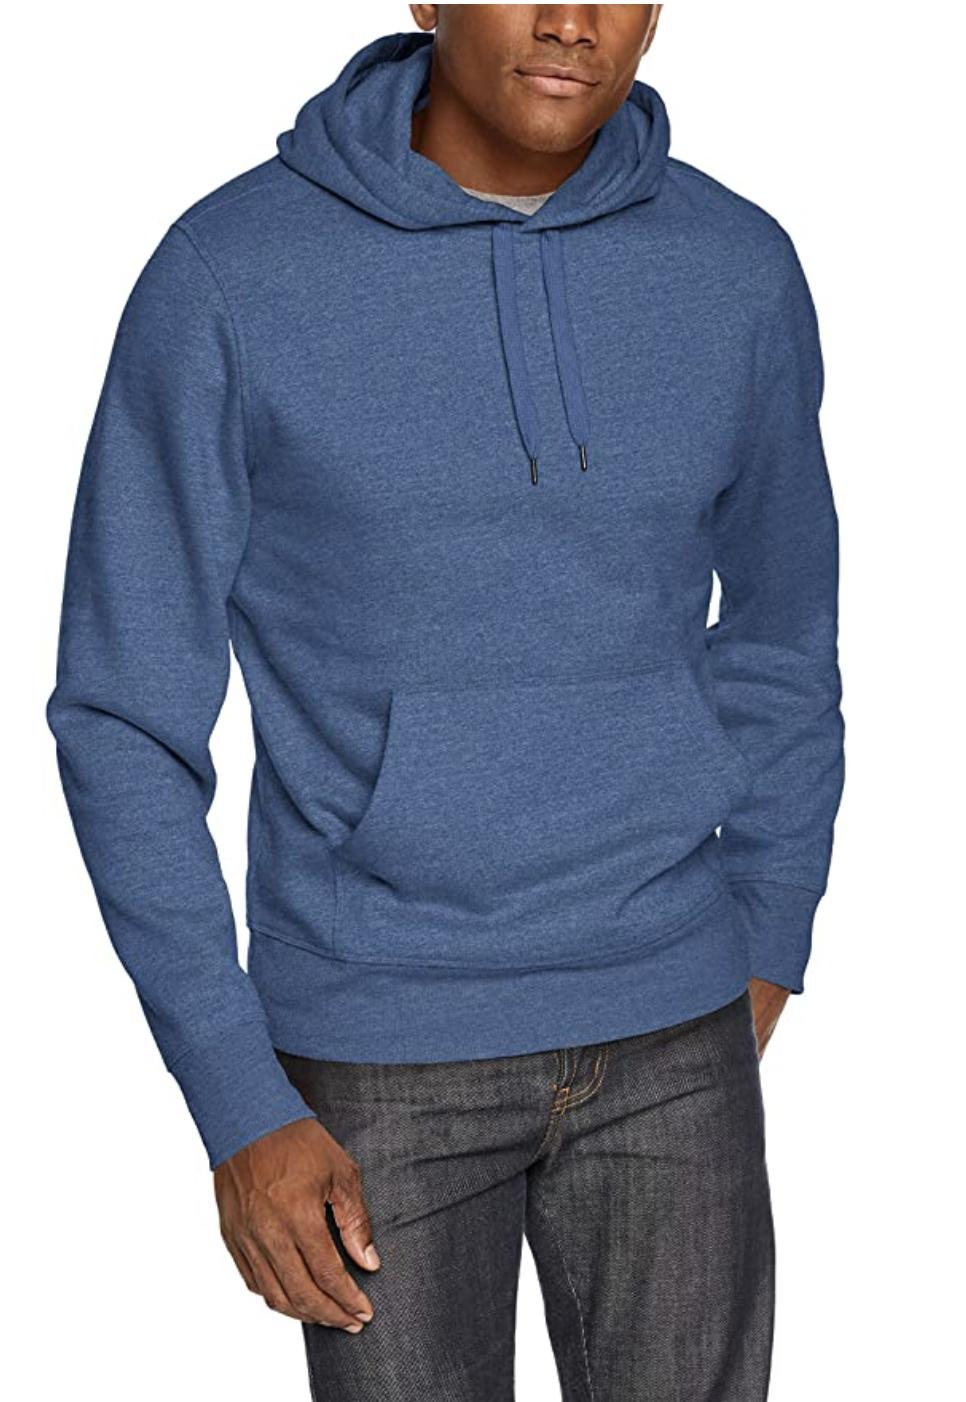 man wearing hoodie